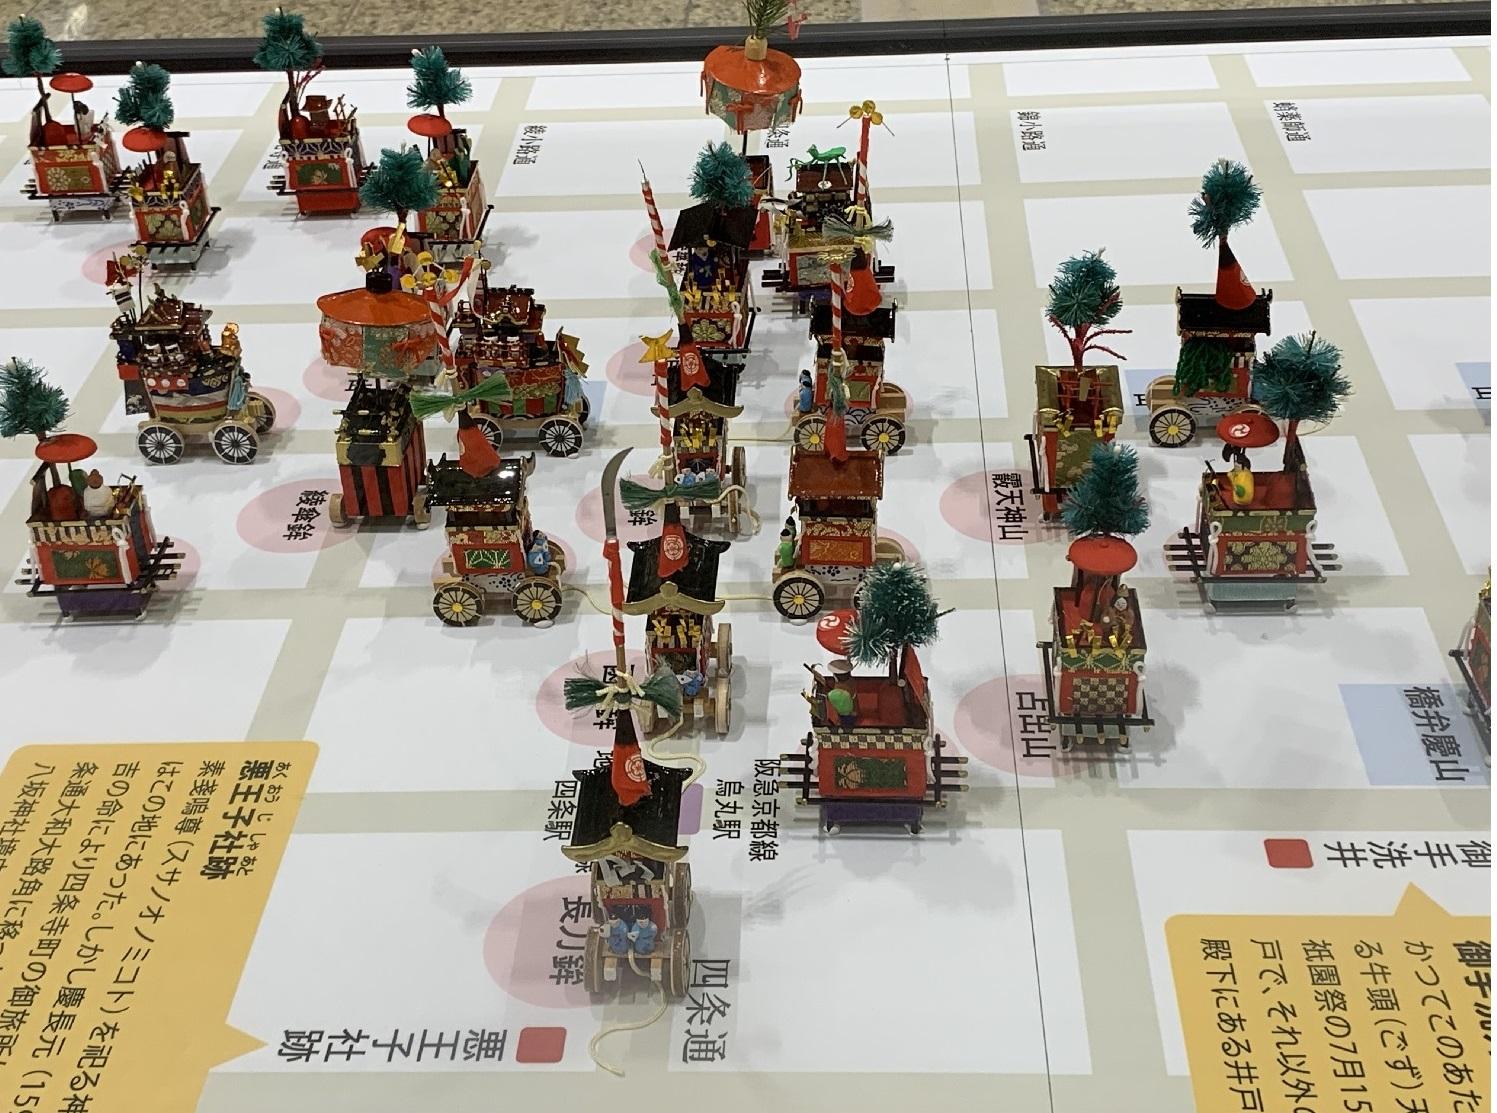 京都、祇園祭り、四条烏丸、山鉾、瓢斗